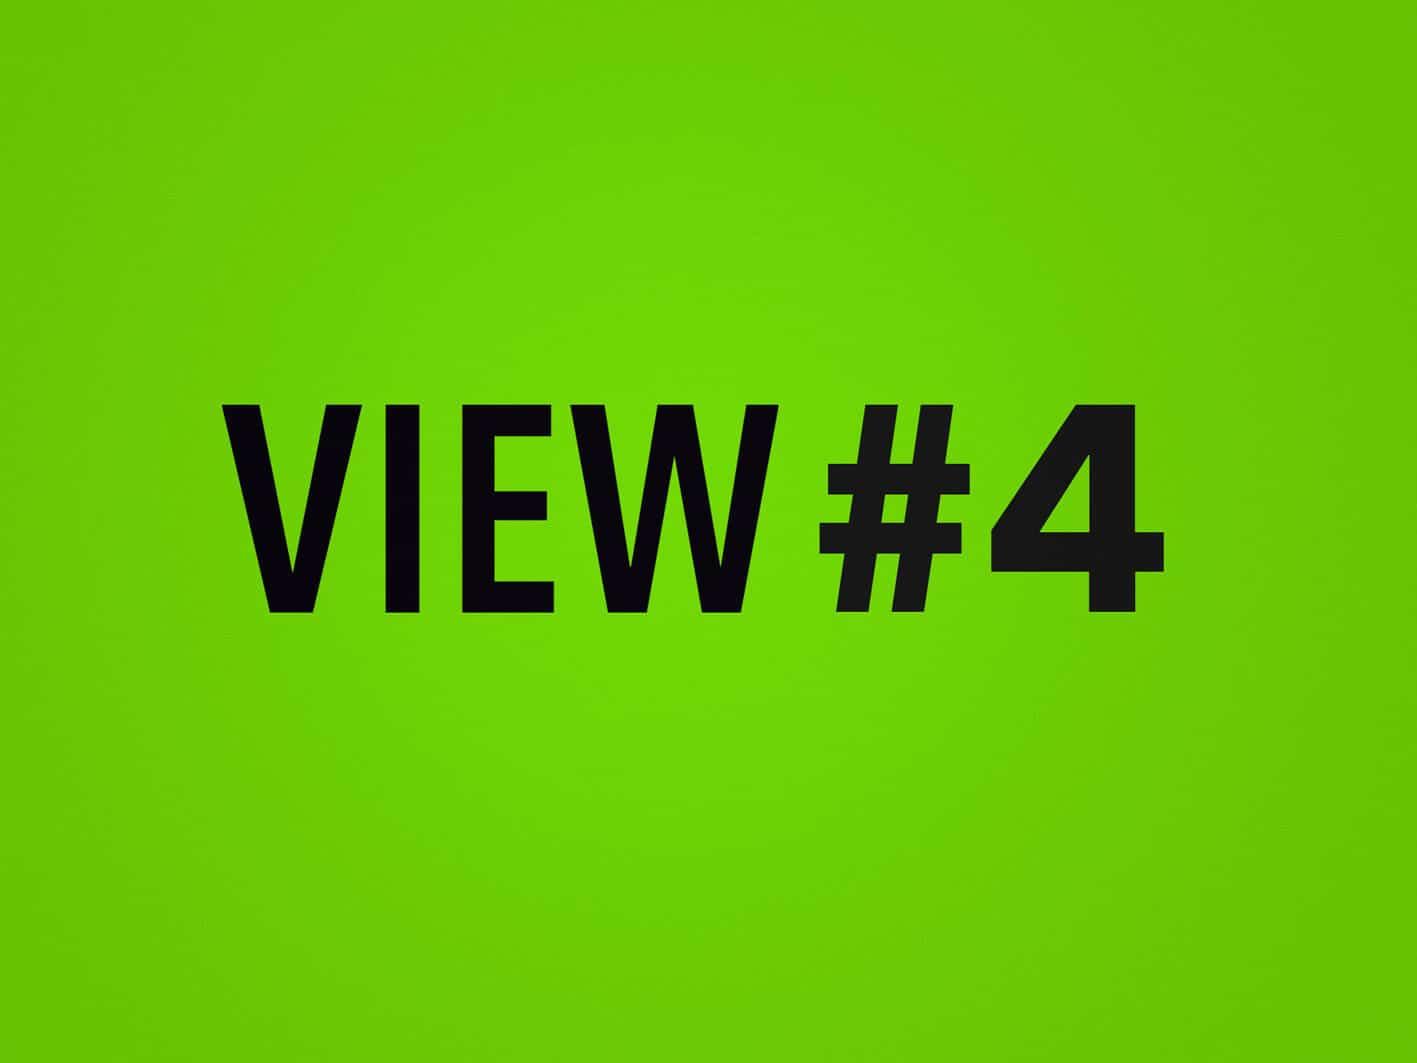 View #4 - Gruppenausstellung des BBK Mittelfranken in der Galerie View